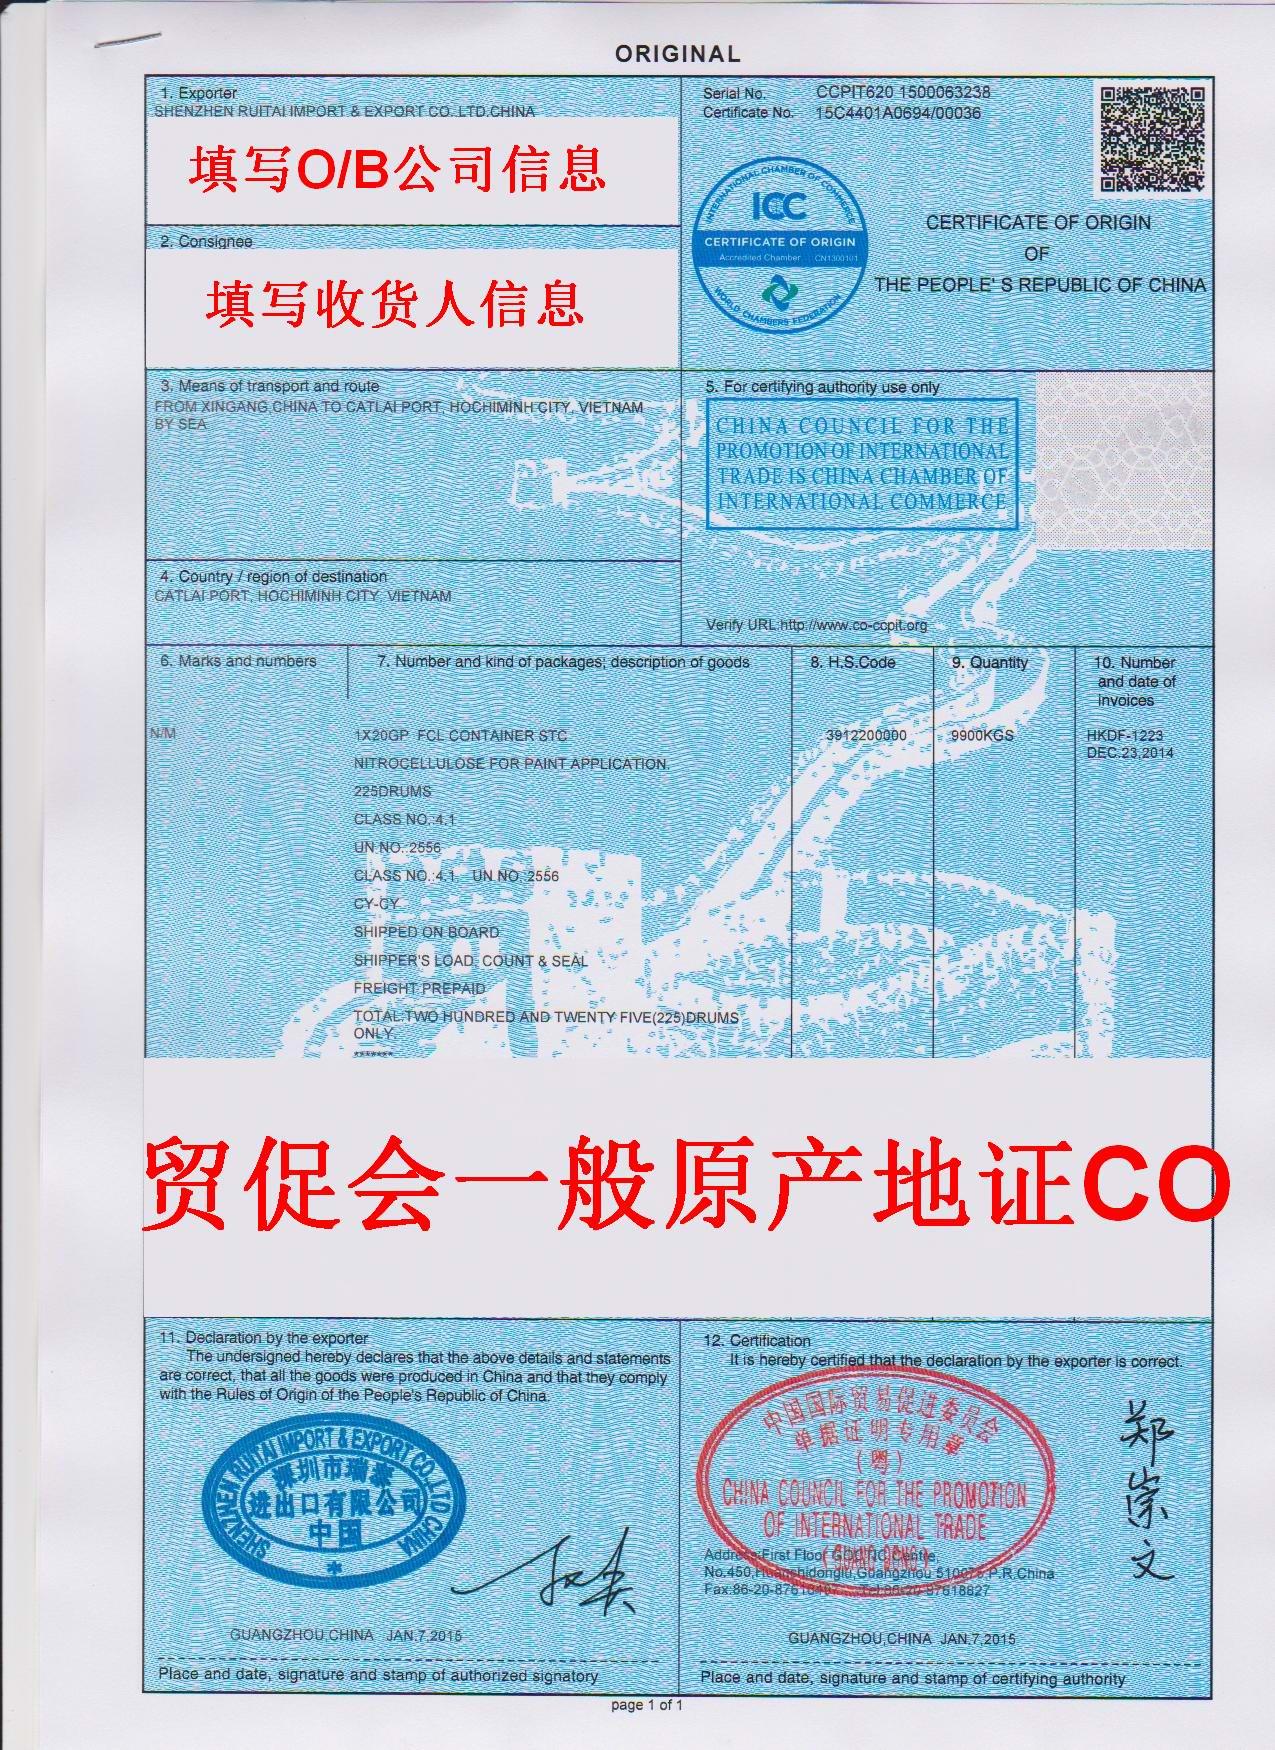 现在我国多数出口商习惯于使用贸促会出具的证书